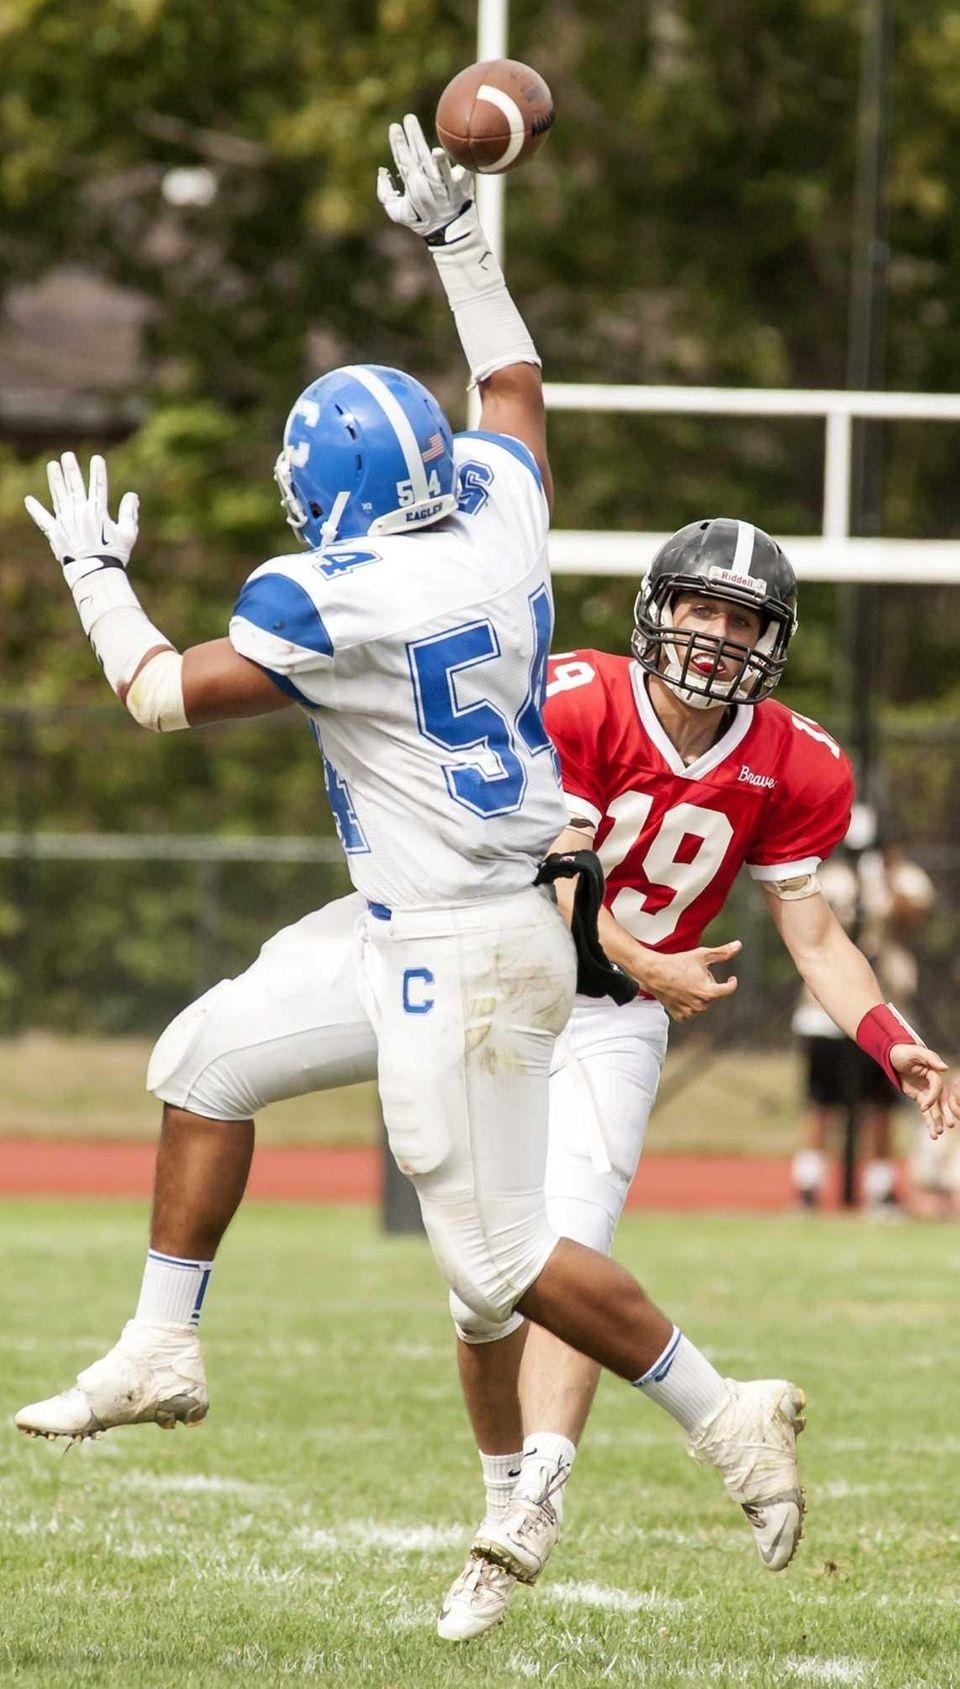 Syosset quarterback Hunter Gross (no. 19) gets his